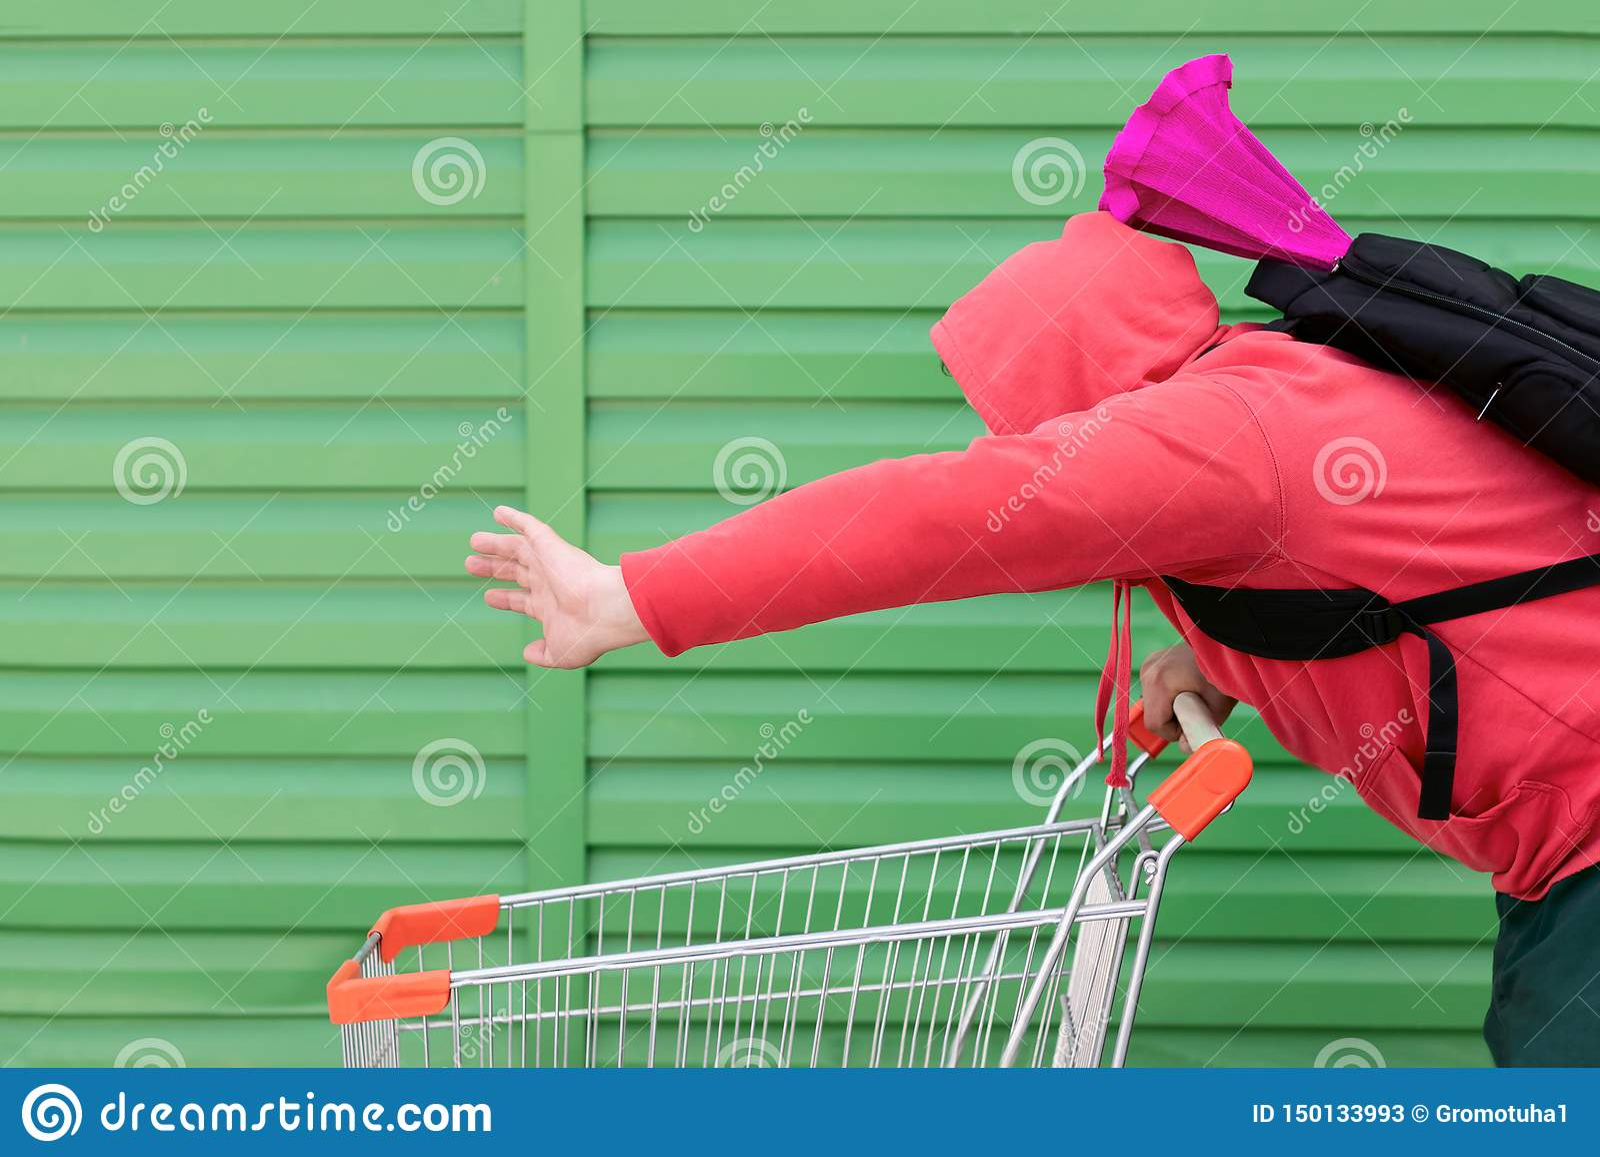 Een mens in een rood jasje met een kap op zijn hoofd en een rugzak op zijn rug met een gekleurd pakket rolt snel de kar van